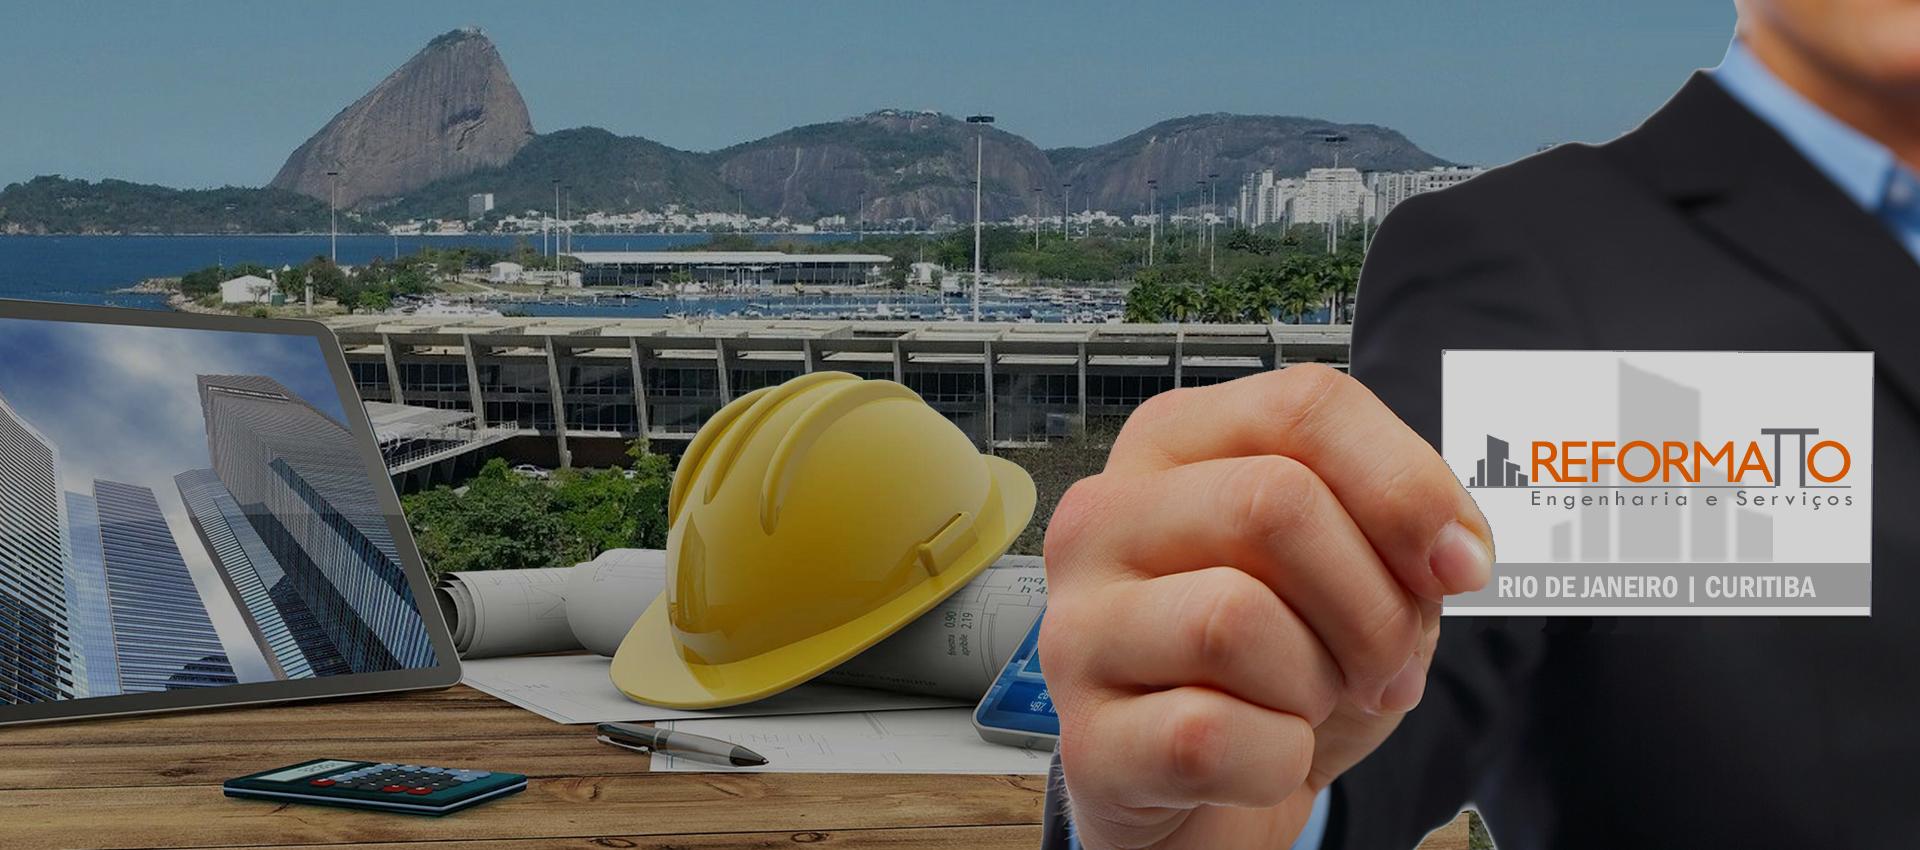 Serviços de engenharia no Rio de Janeiro